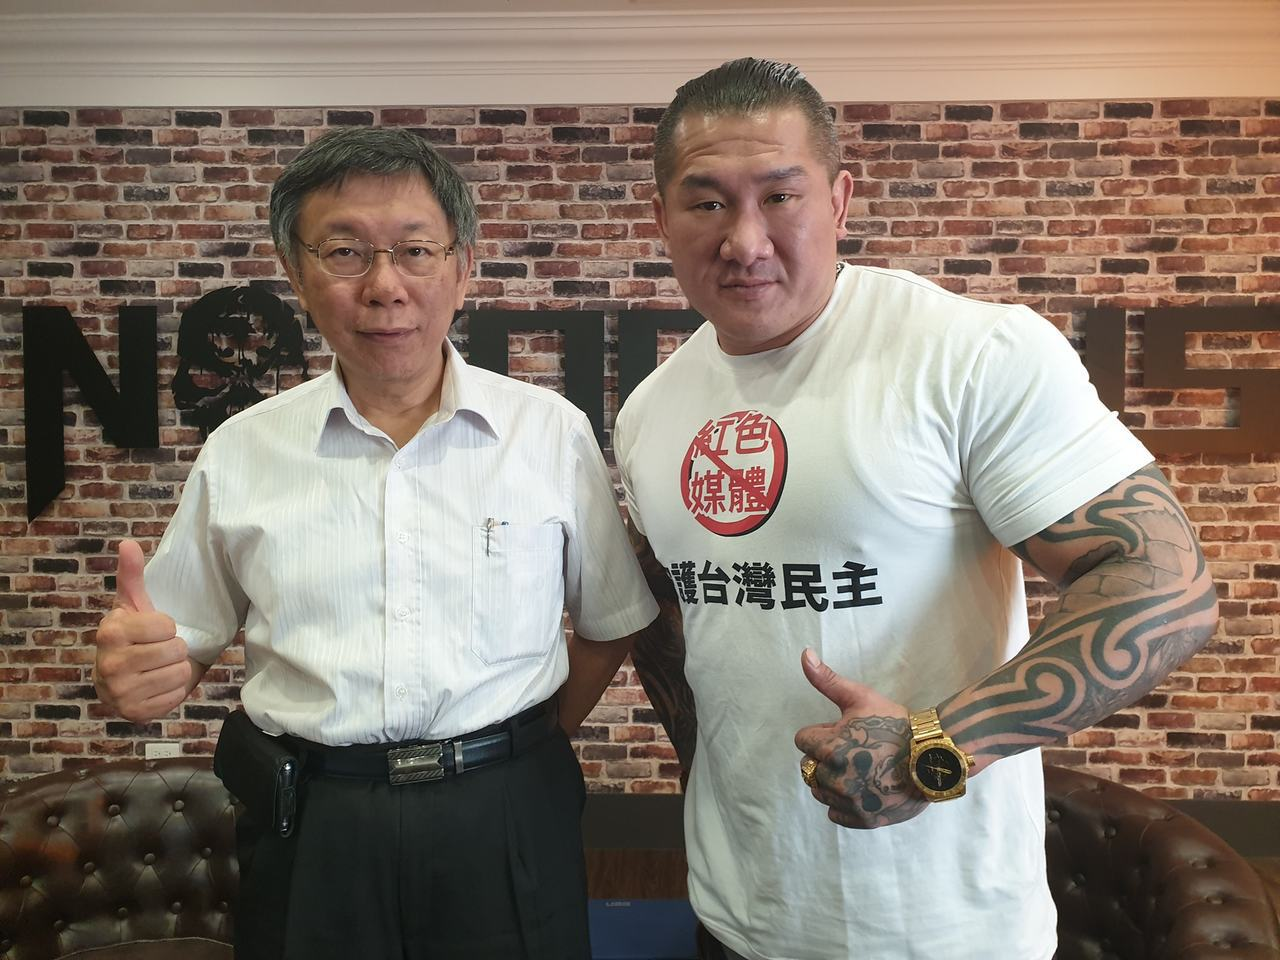 館長陳之漢(右)將在28日晚間合體台北市長柯文哲(左)直播。圖/取自館長臉書